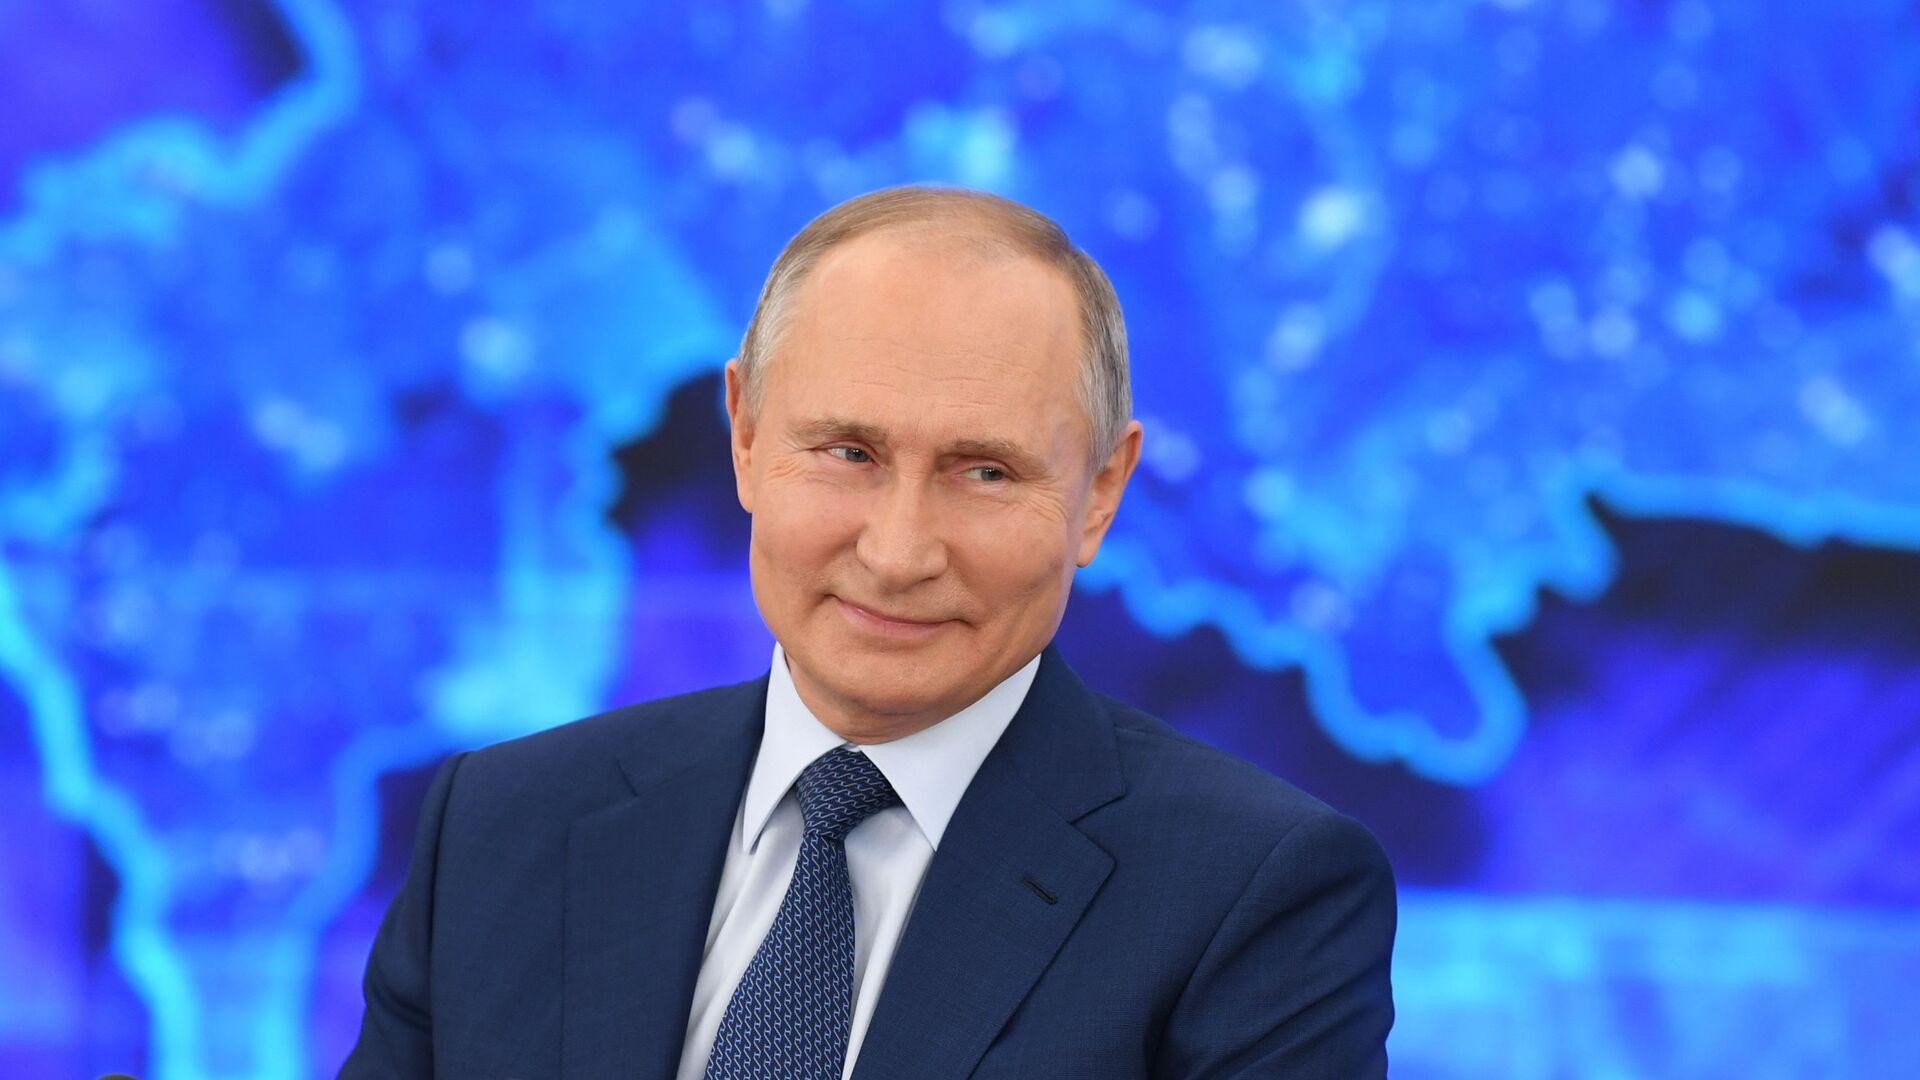 Doroczna konferencja prasowa prezydenta Rosji Władimira Putina - Sputnik Polska, 1920, 14.04.2021